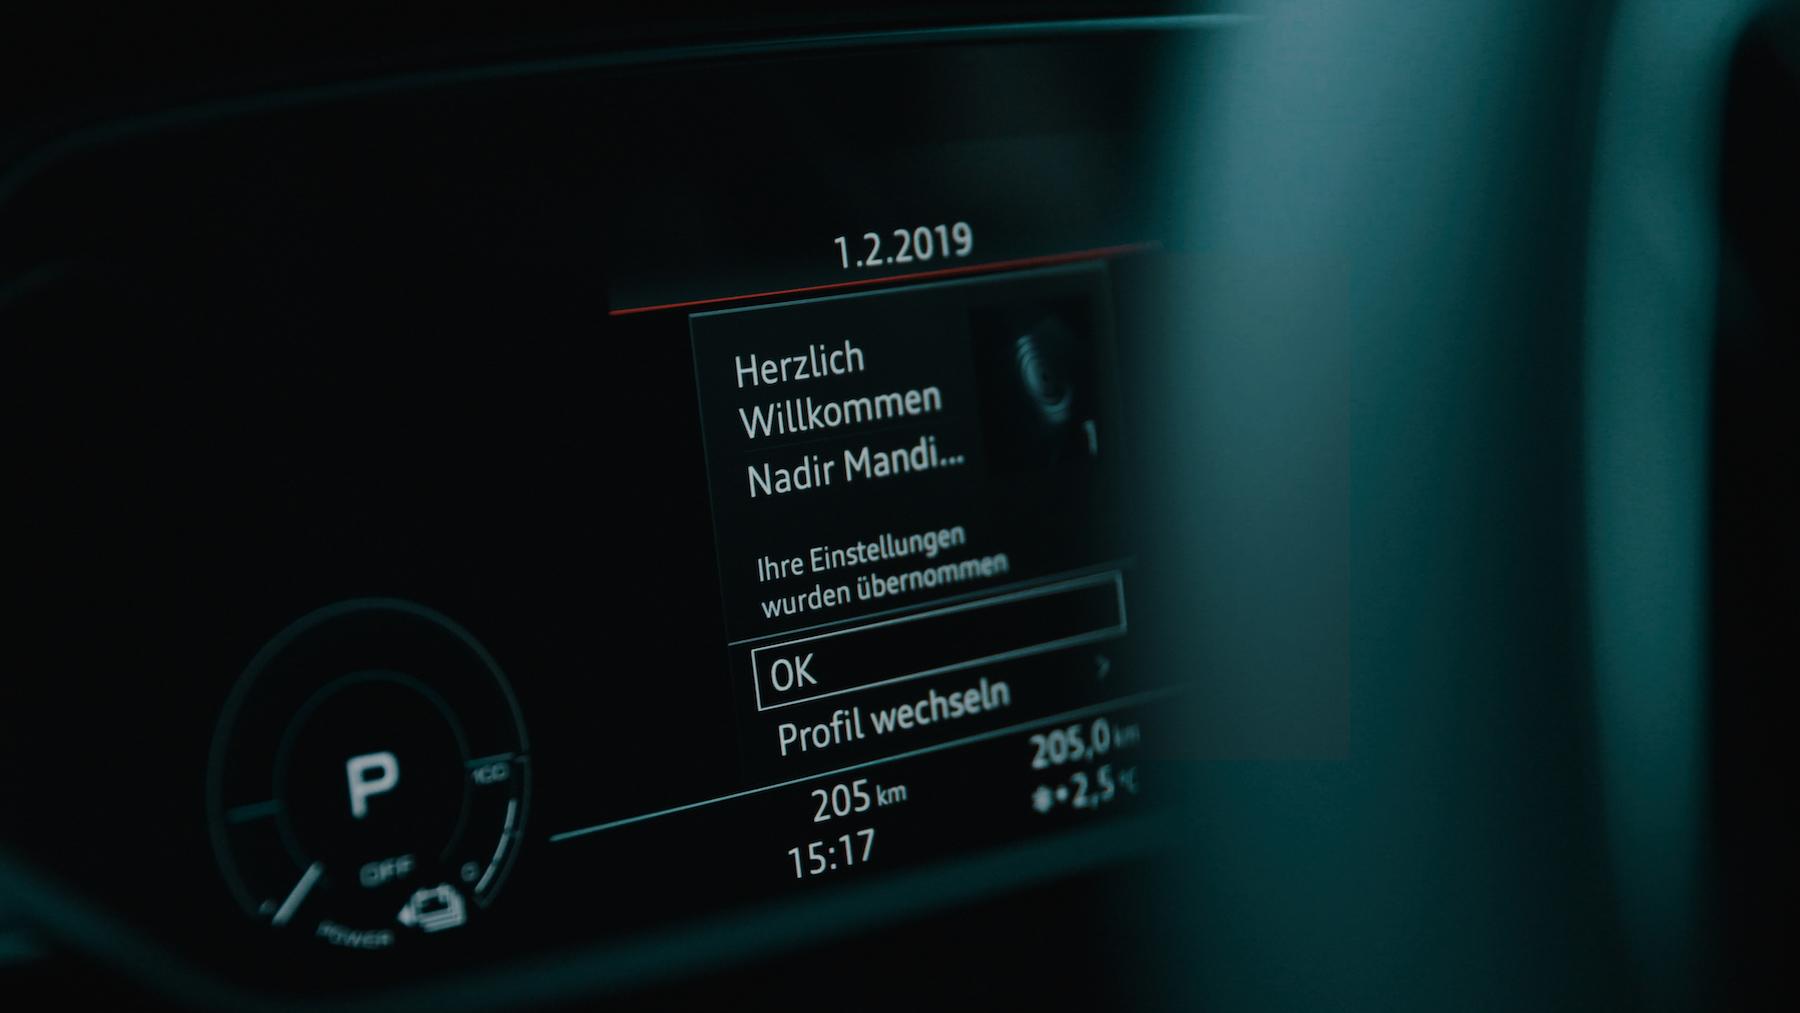 L'e-tron riconosce il pilota e memorizza fino a 400 parametri personali nel profilo del conducente.